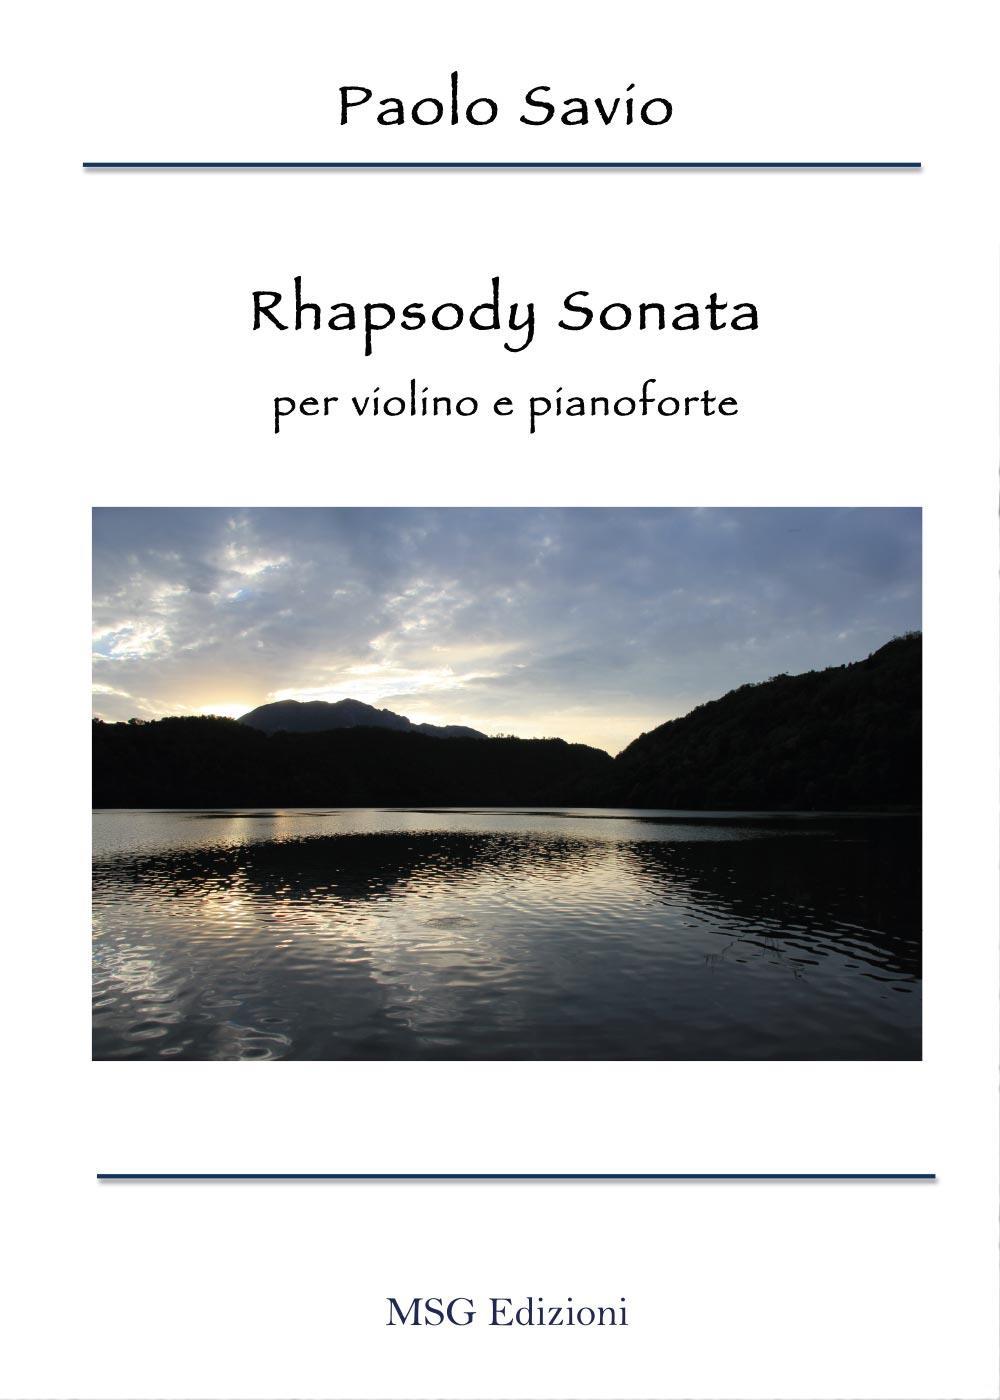 Rhapsody Sonata per violino e pianoforte